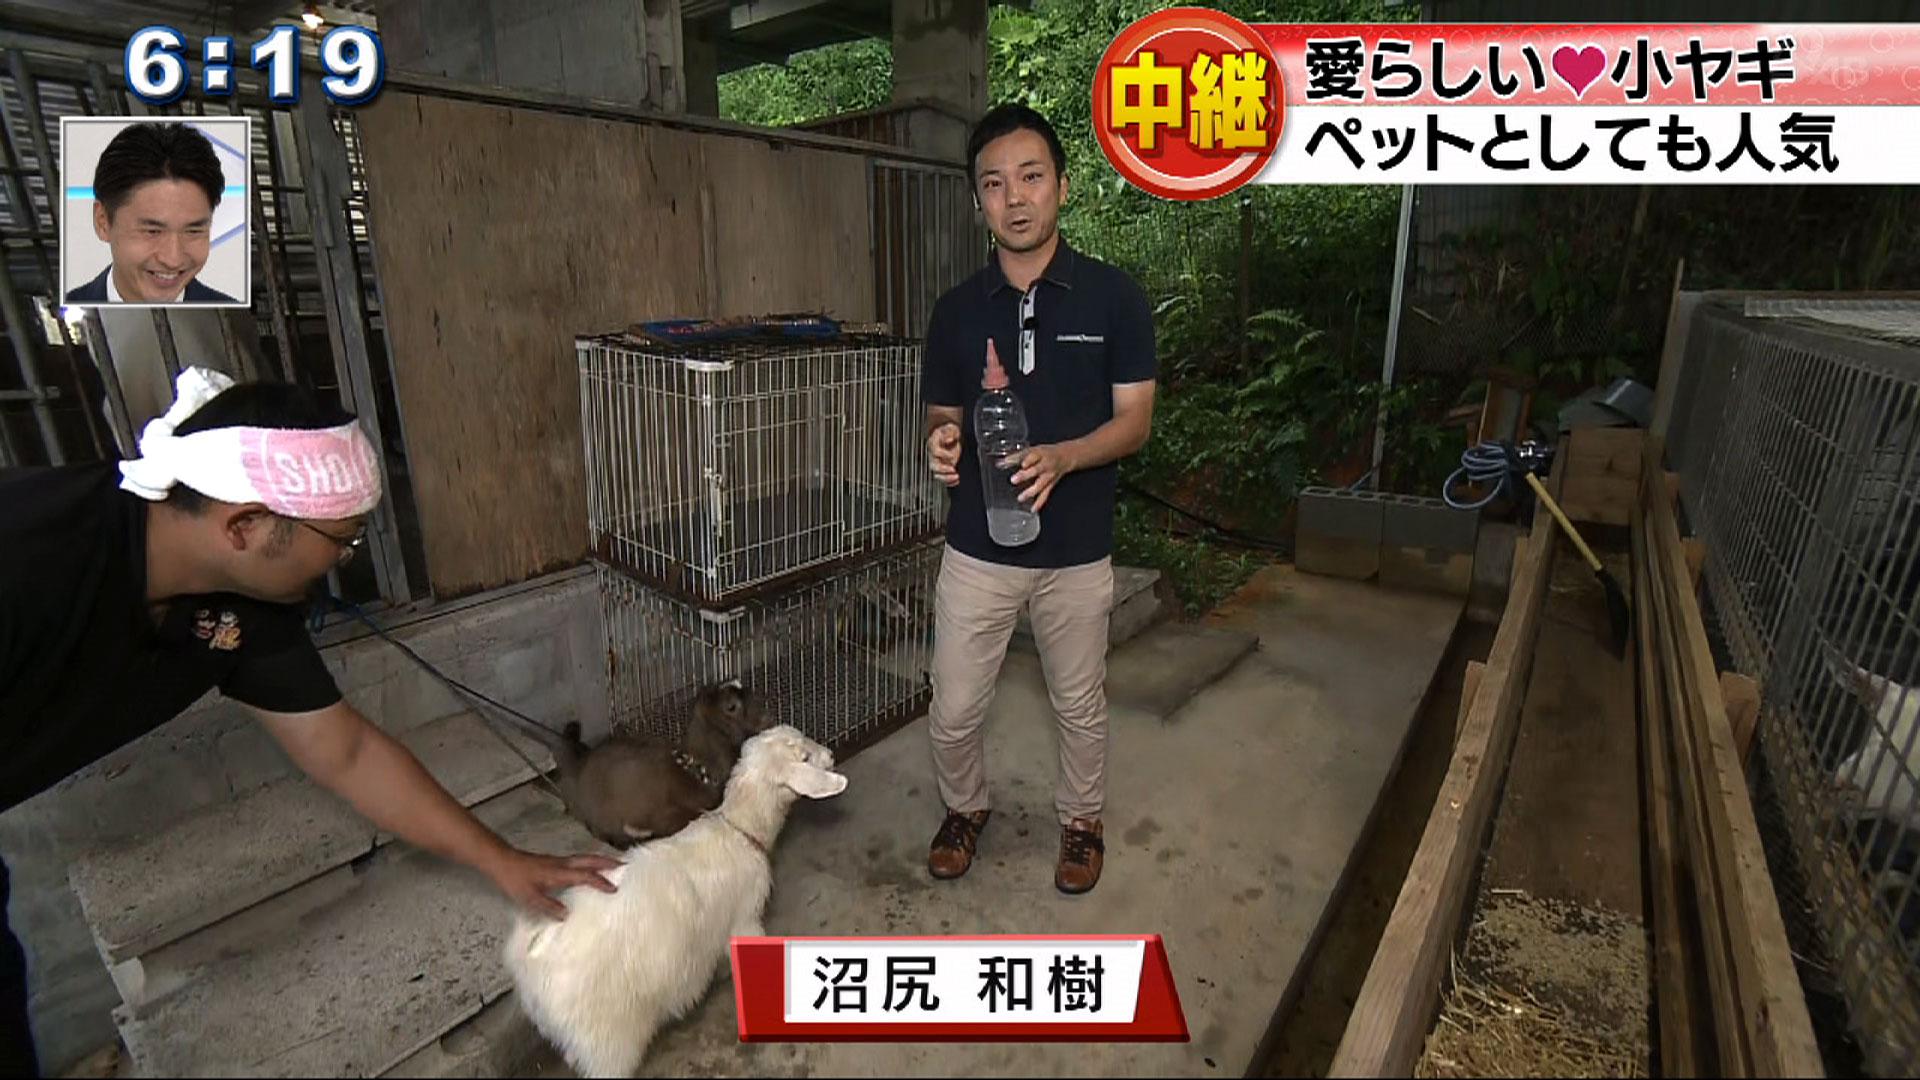 中継 うめェ~ ヤギ見つけた!!